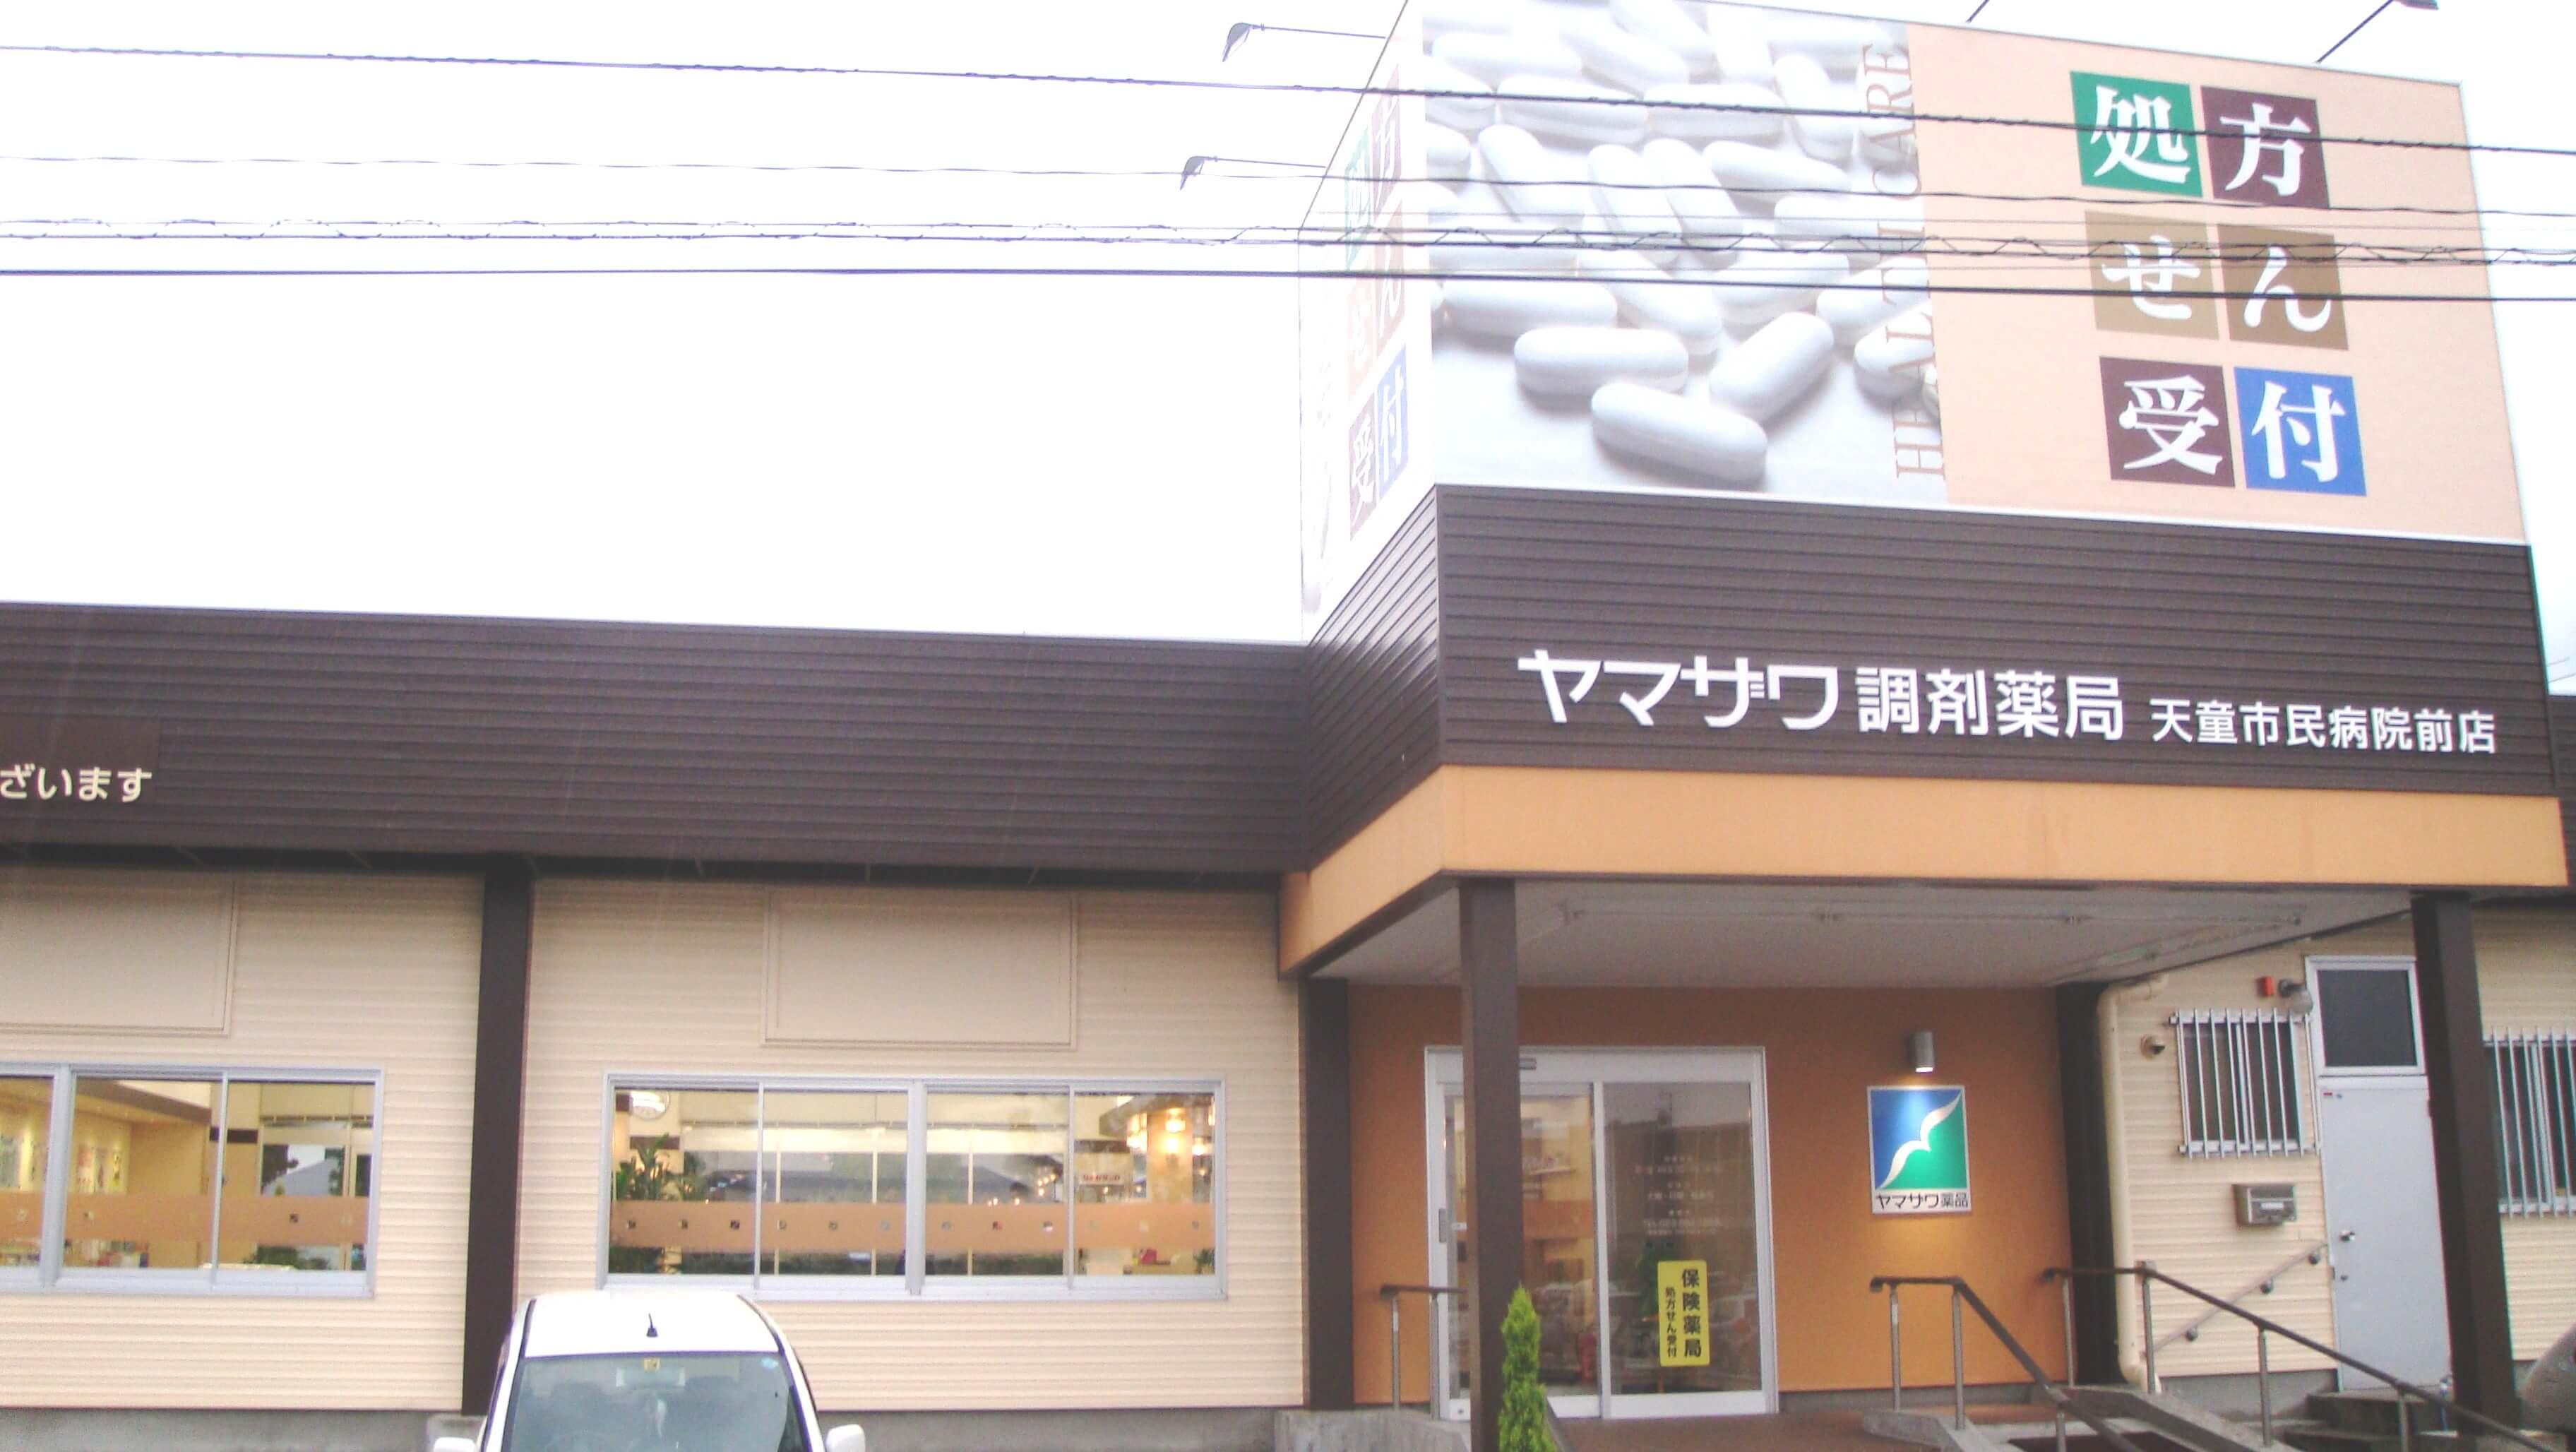 ヤマザワ調剤薬局天童市民病院前店